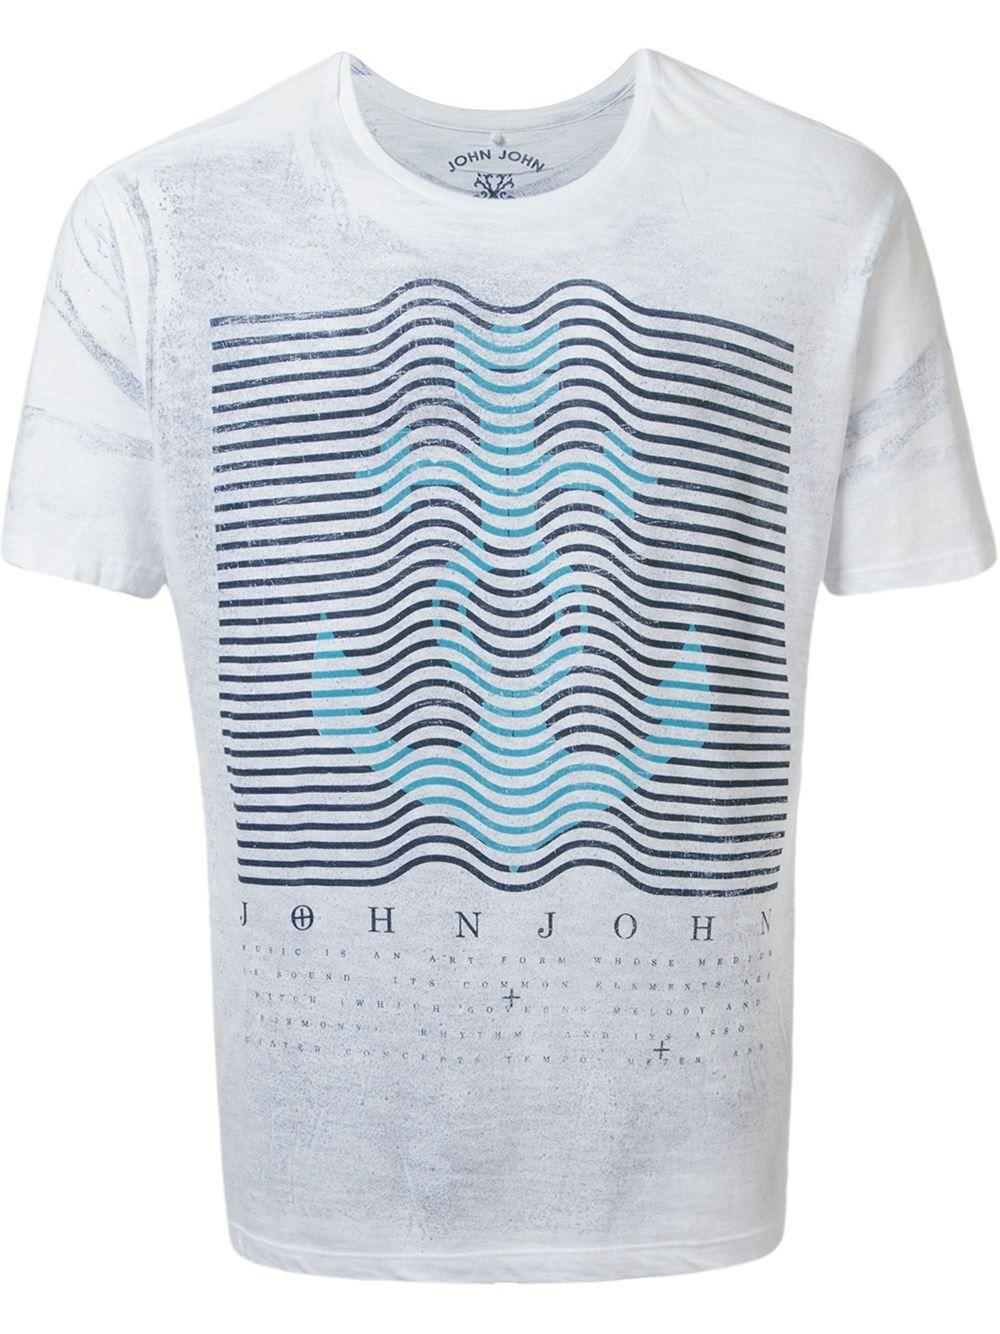 John John Camiseta Com Estampa - Restoque - Farfetch.com ... e4c2d36c6cf78